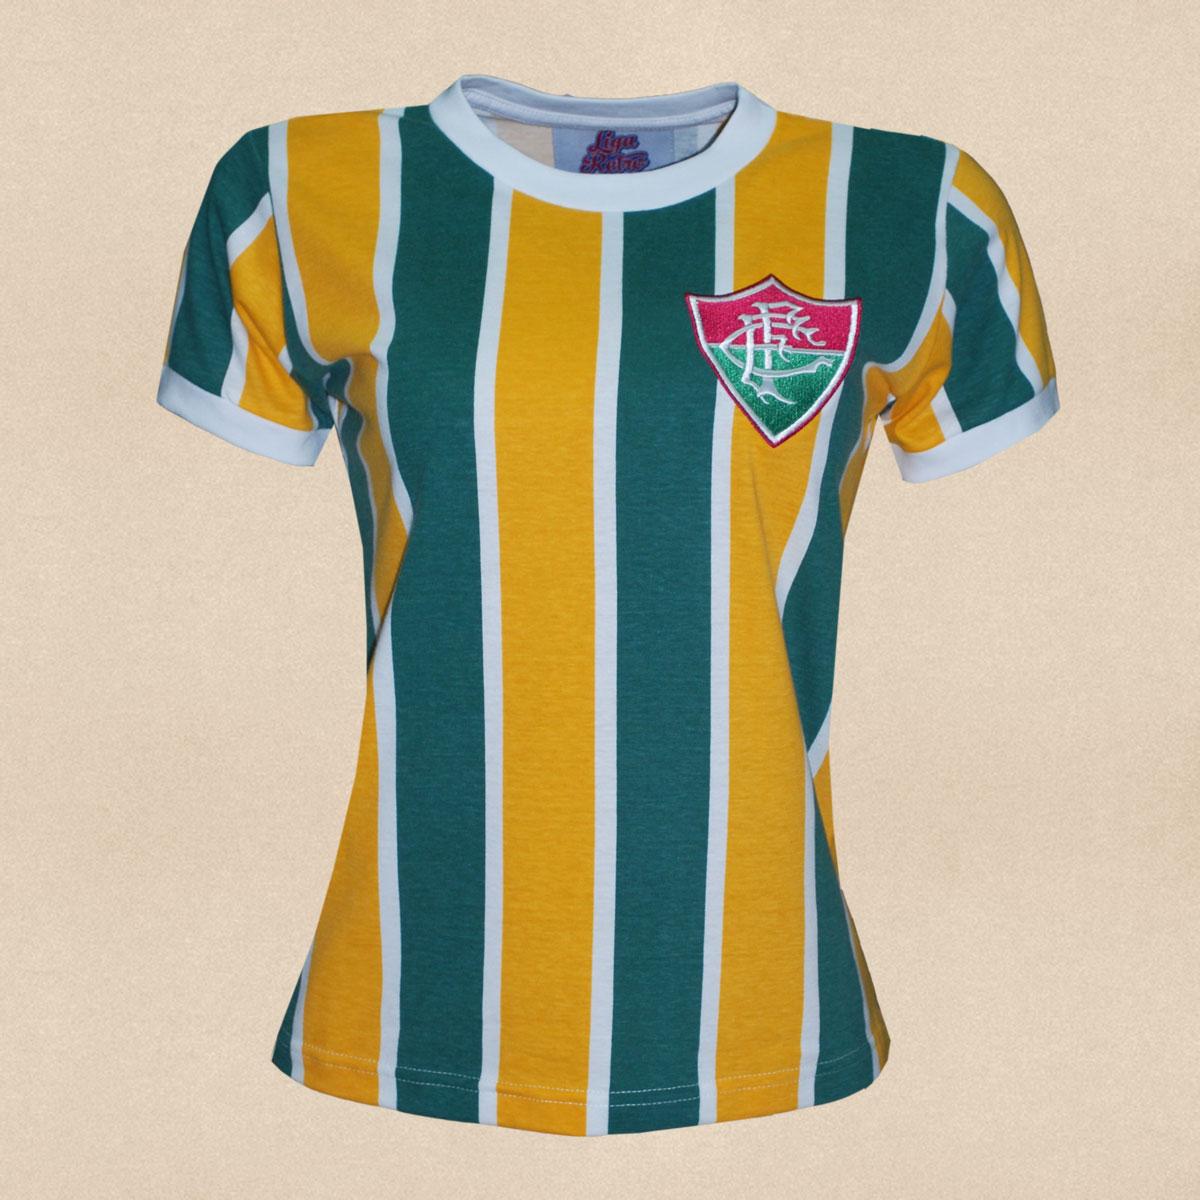 Camisa Fluminense feminina Brasil - Edição limitada